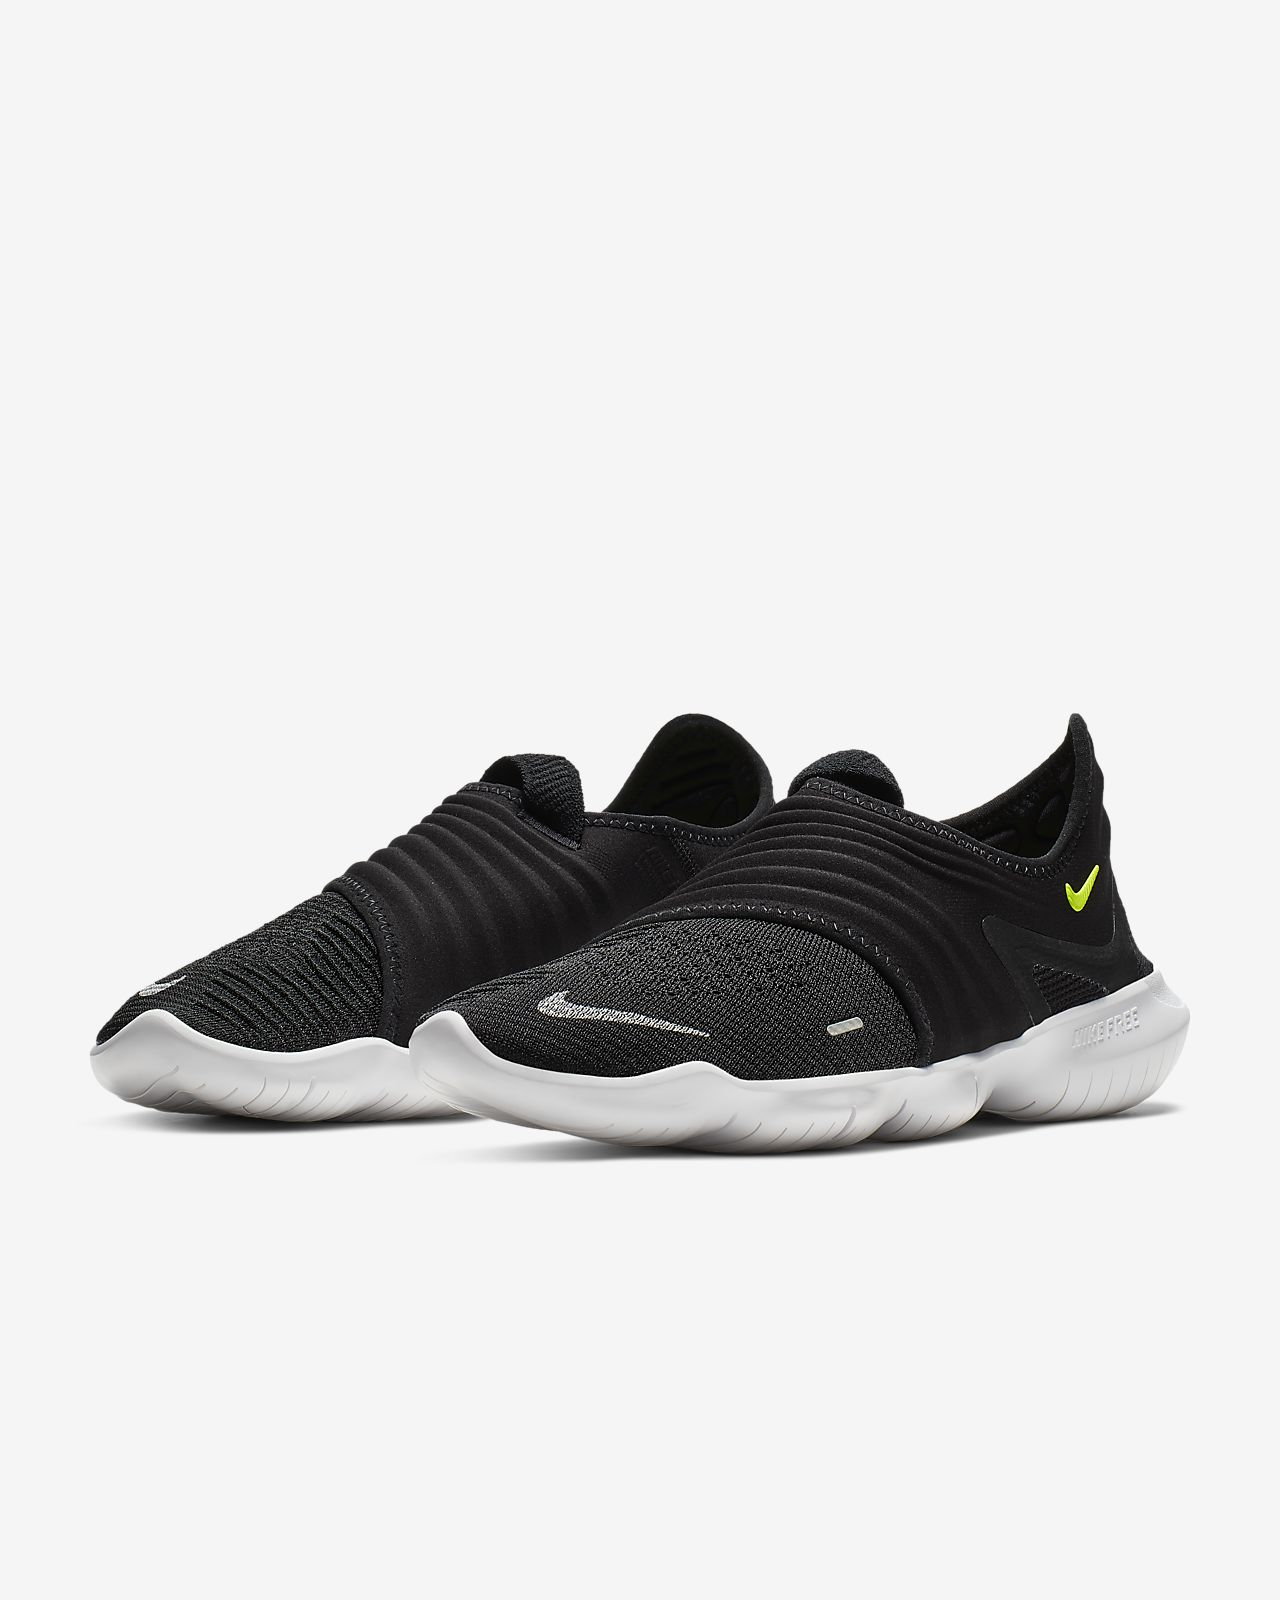 Nike Free RN Flyknit 3.0 Herren Laufschuh